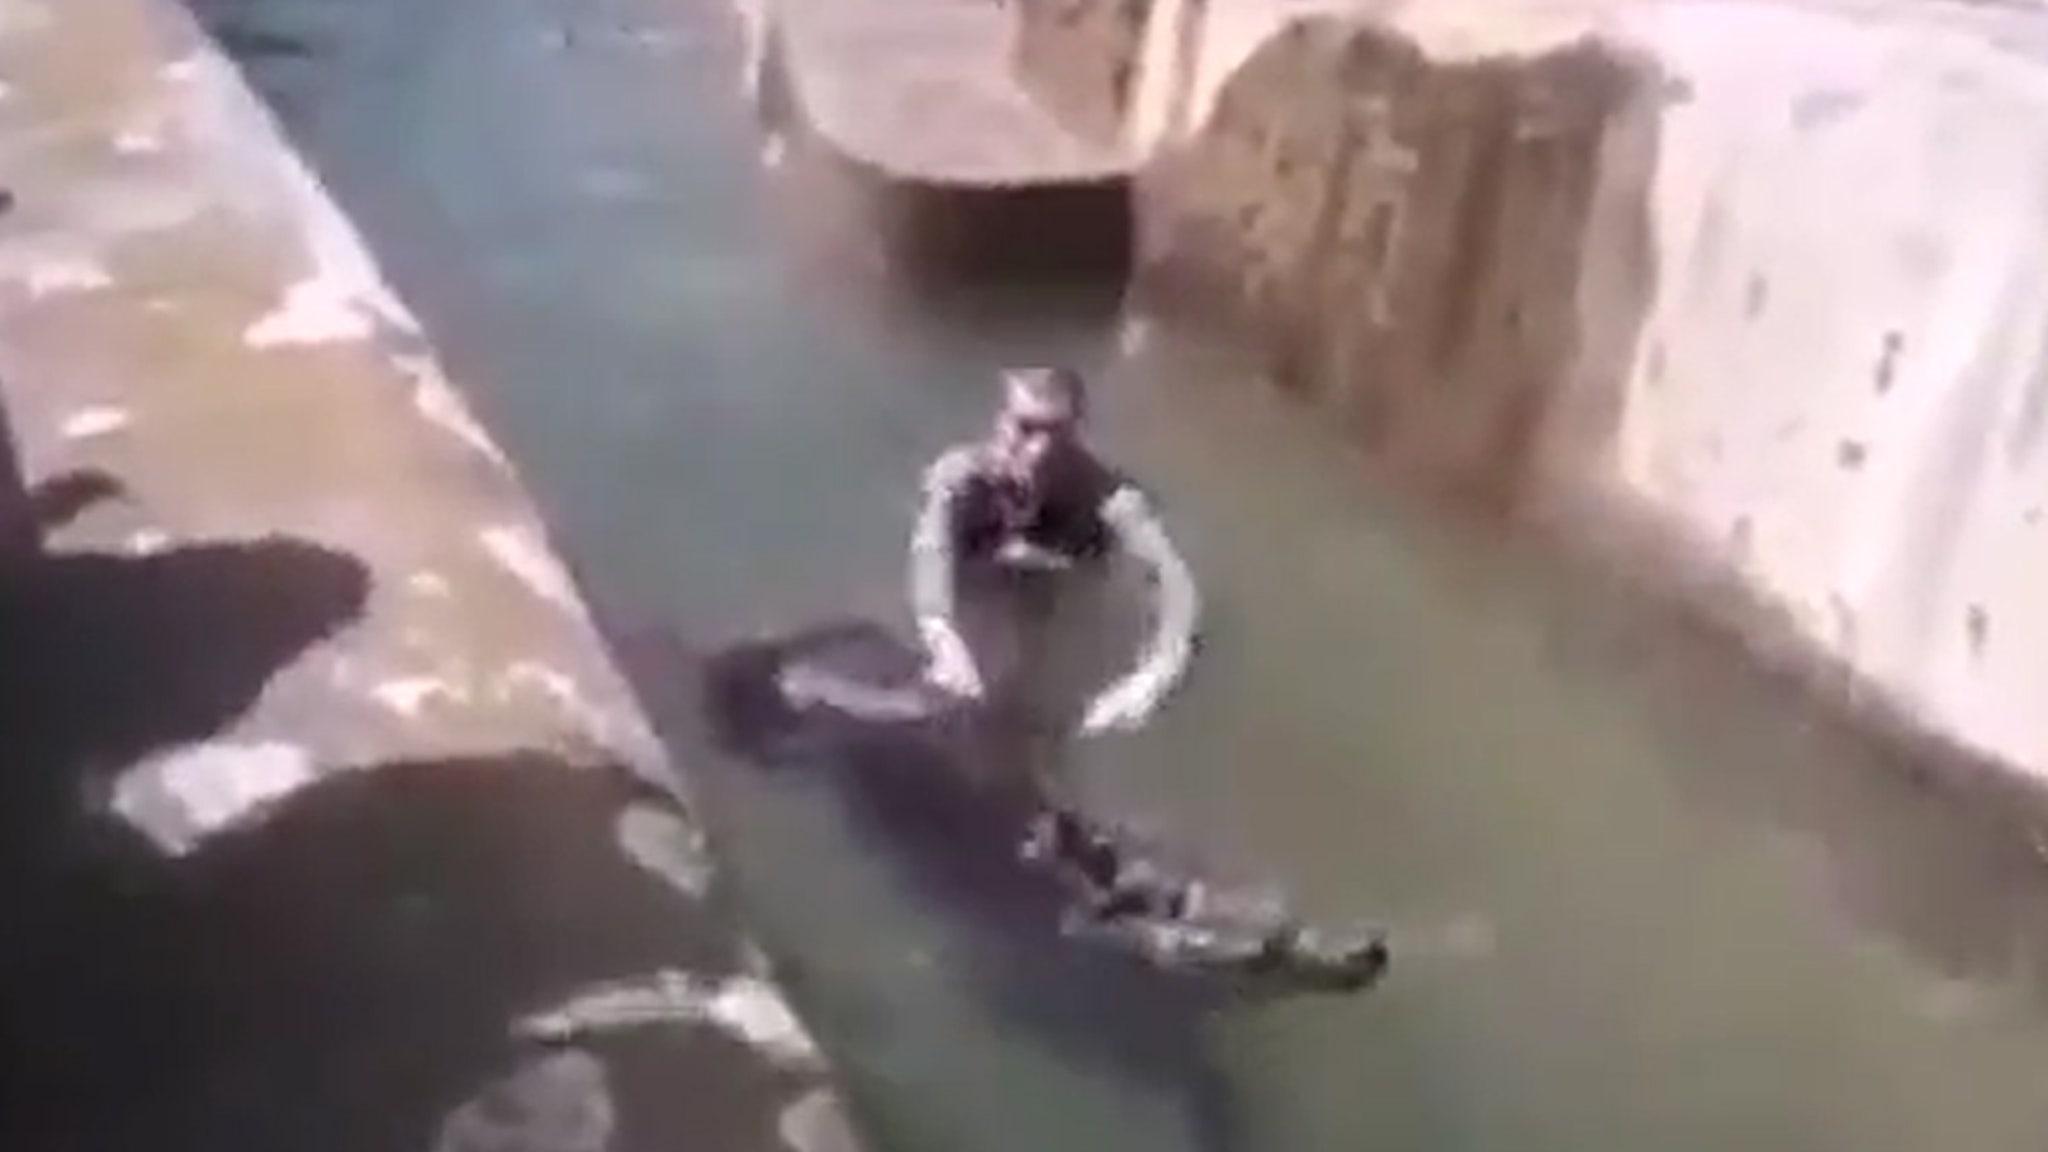 POLISH ZOO MAN JUMPS INTO BEAR ENCLOSURE ... Attacks, Tries To Drown Animal